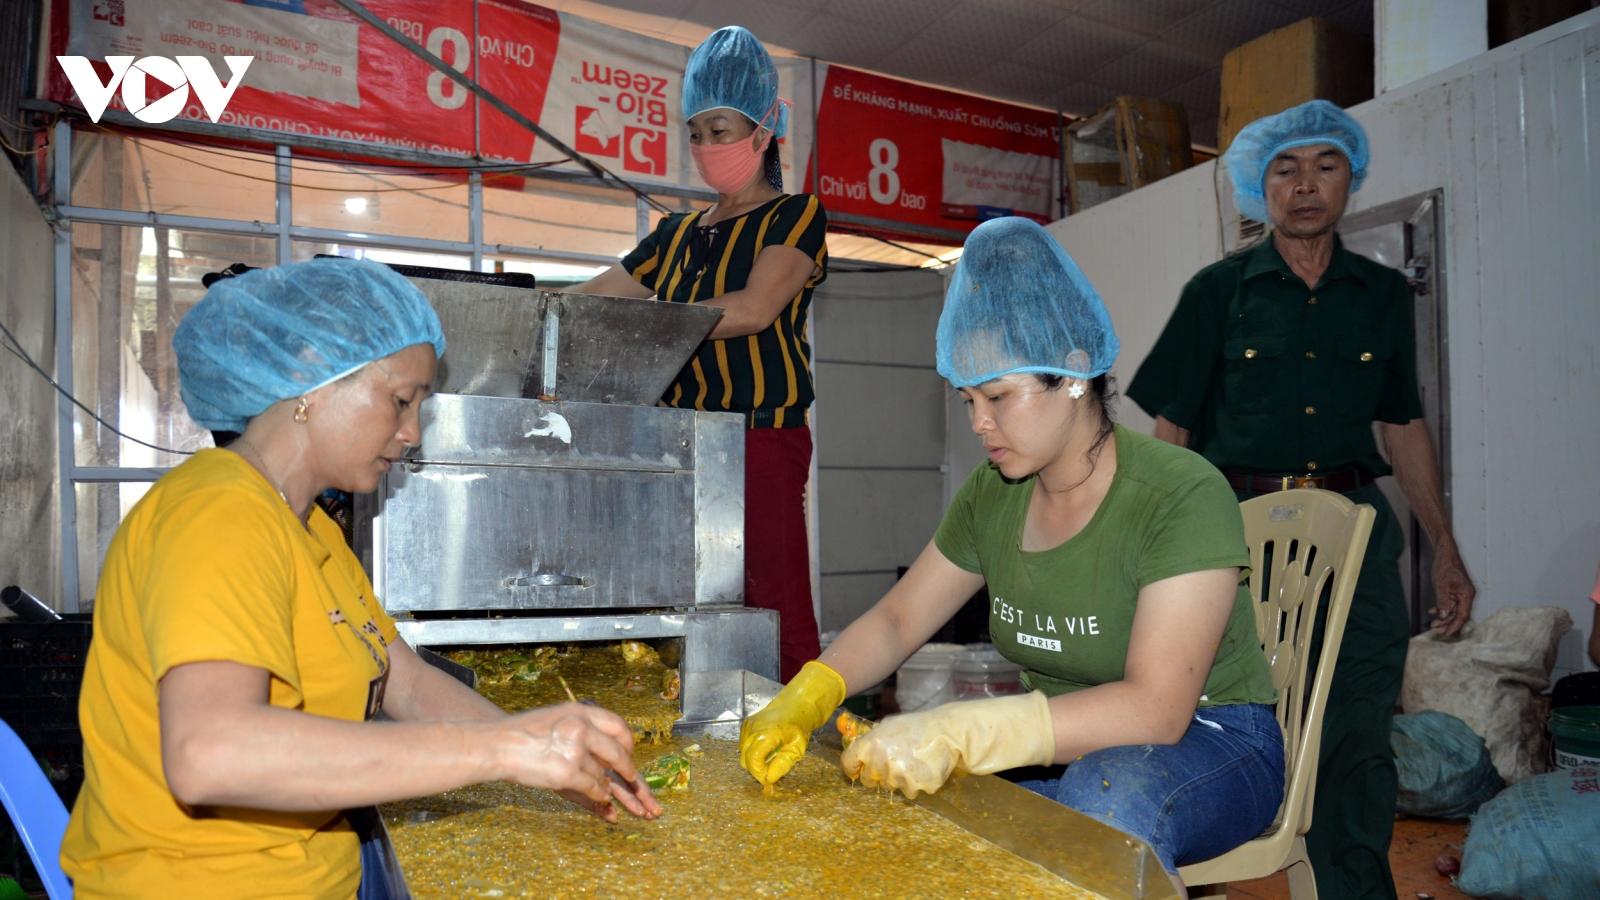 Kinh tế hợp tác xã: Vốn thấp, năng lực yếu